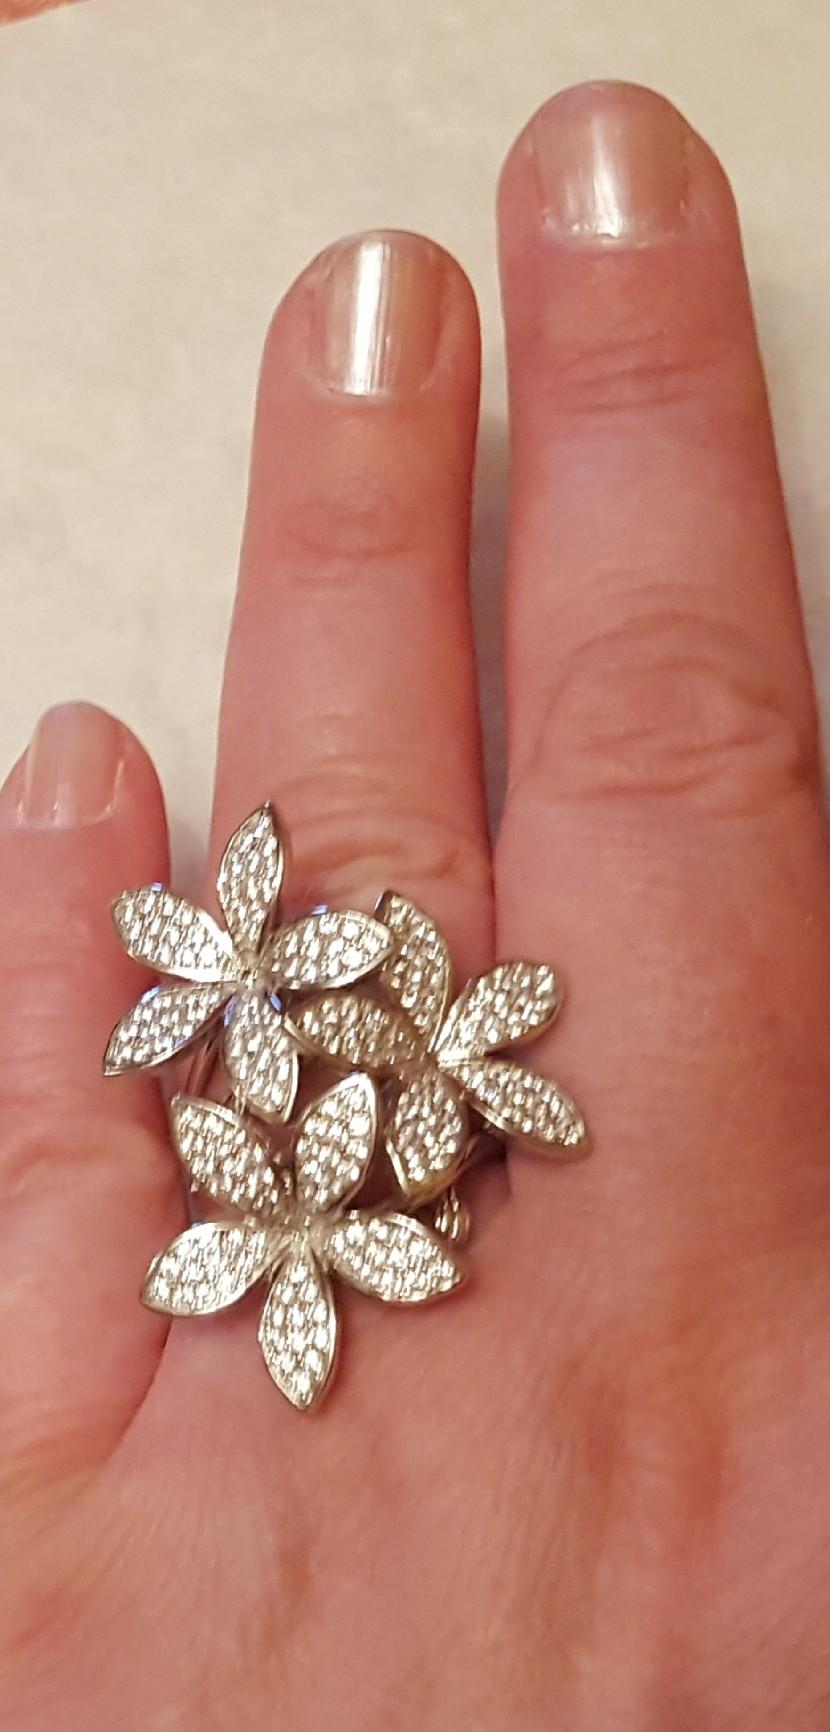 Крупное яркое кольцо для молодёжи